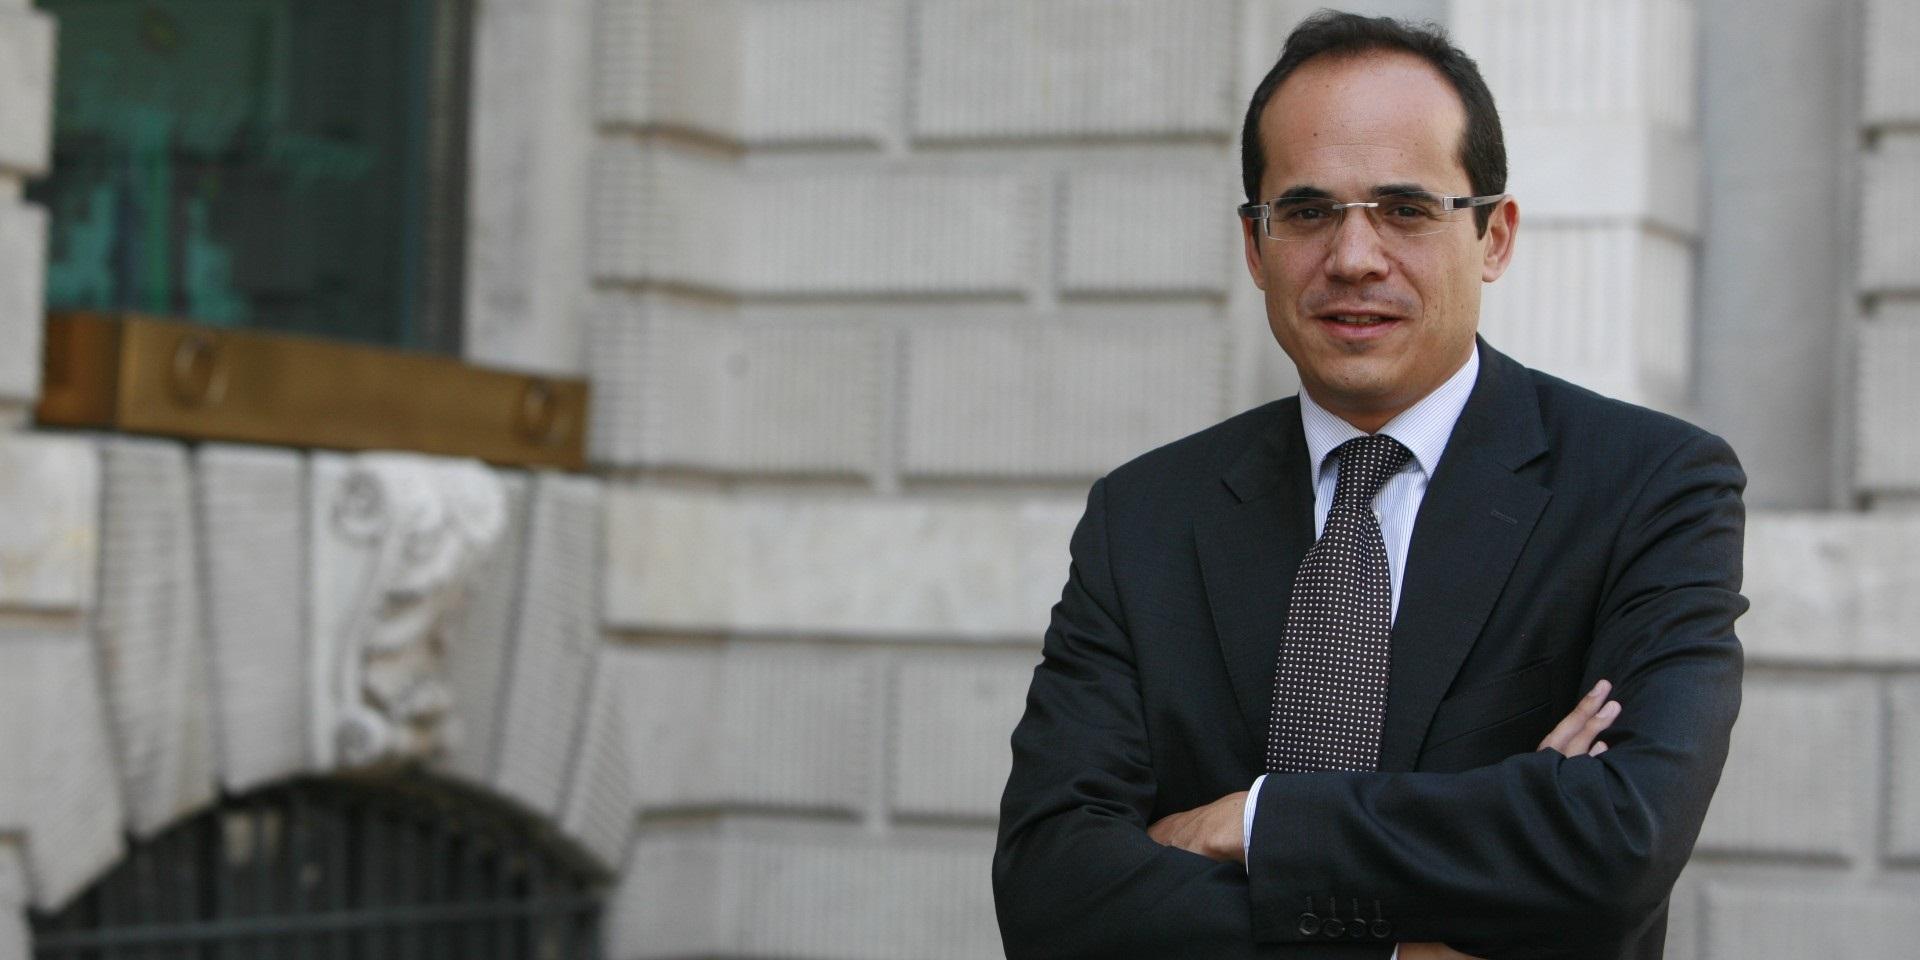 El nuevo secretario de Estado de Comunicación, Francesc Vallès, durante su etapa como diputado y colaborador de El Siglo. / EP